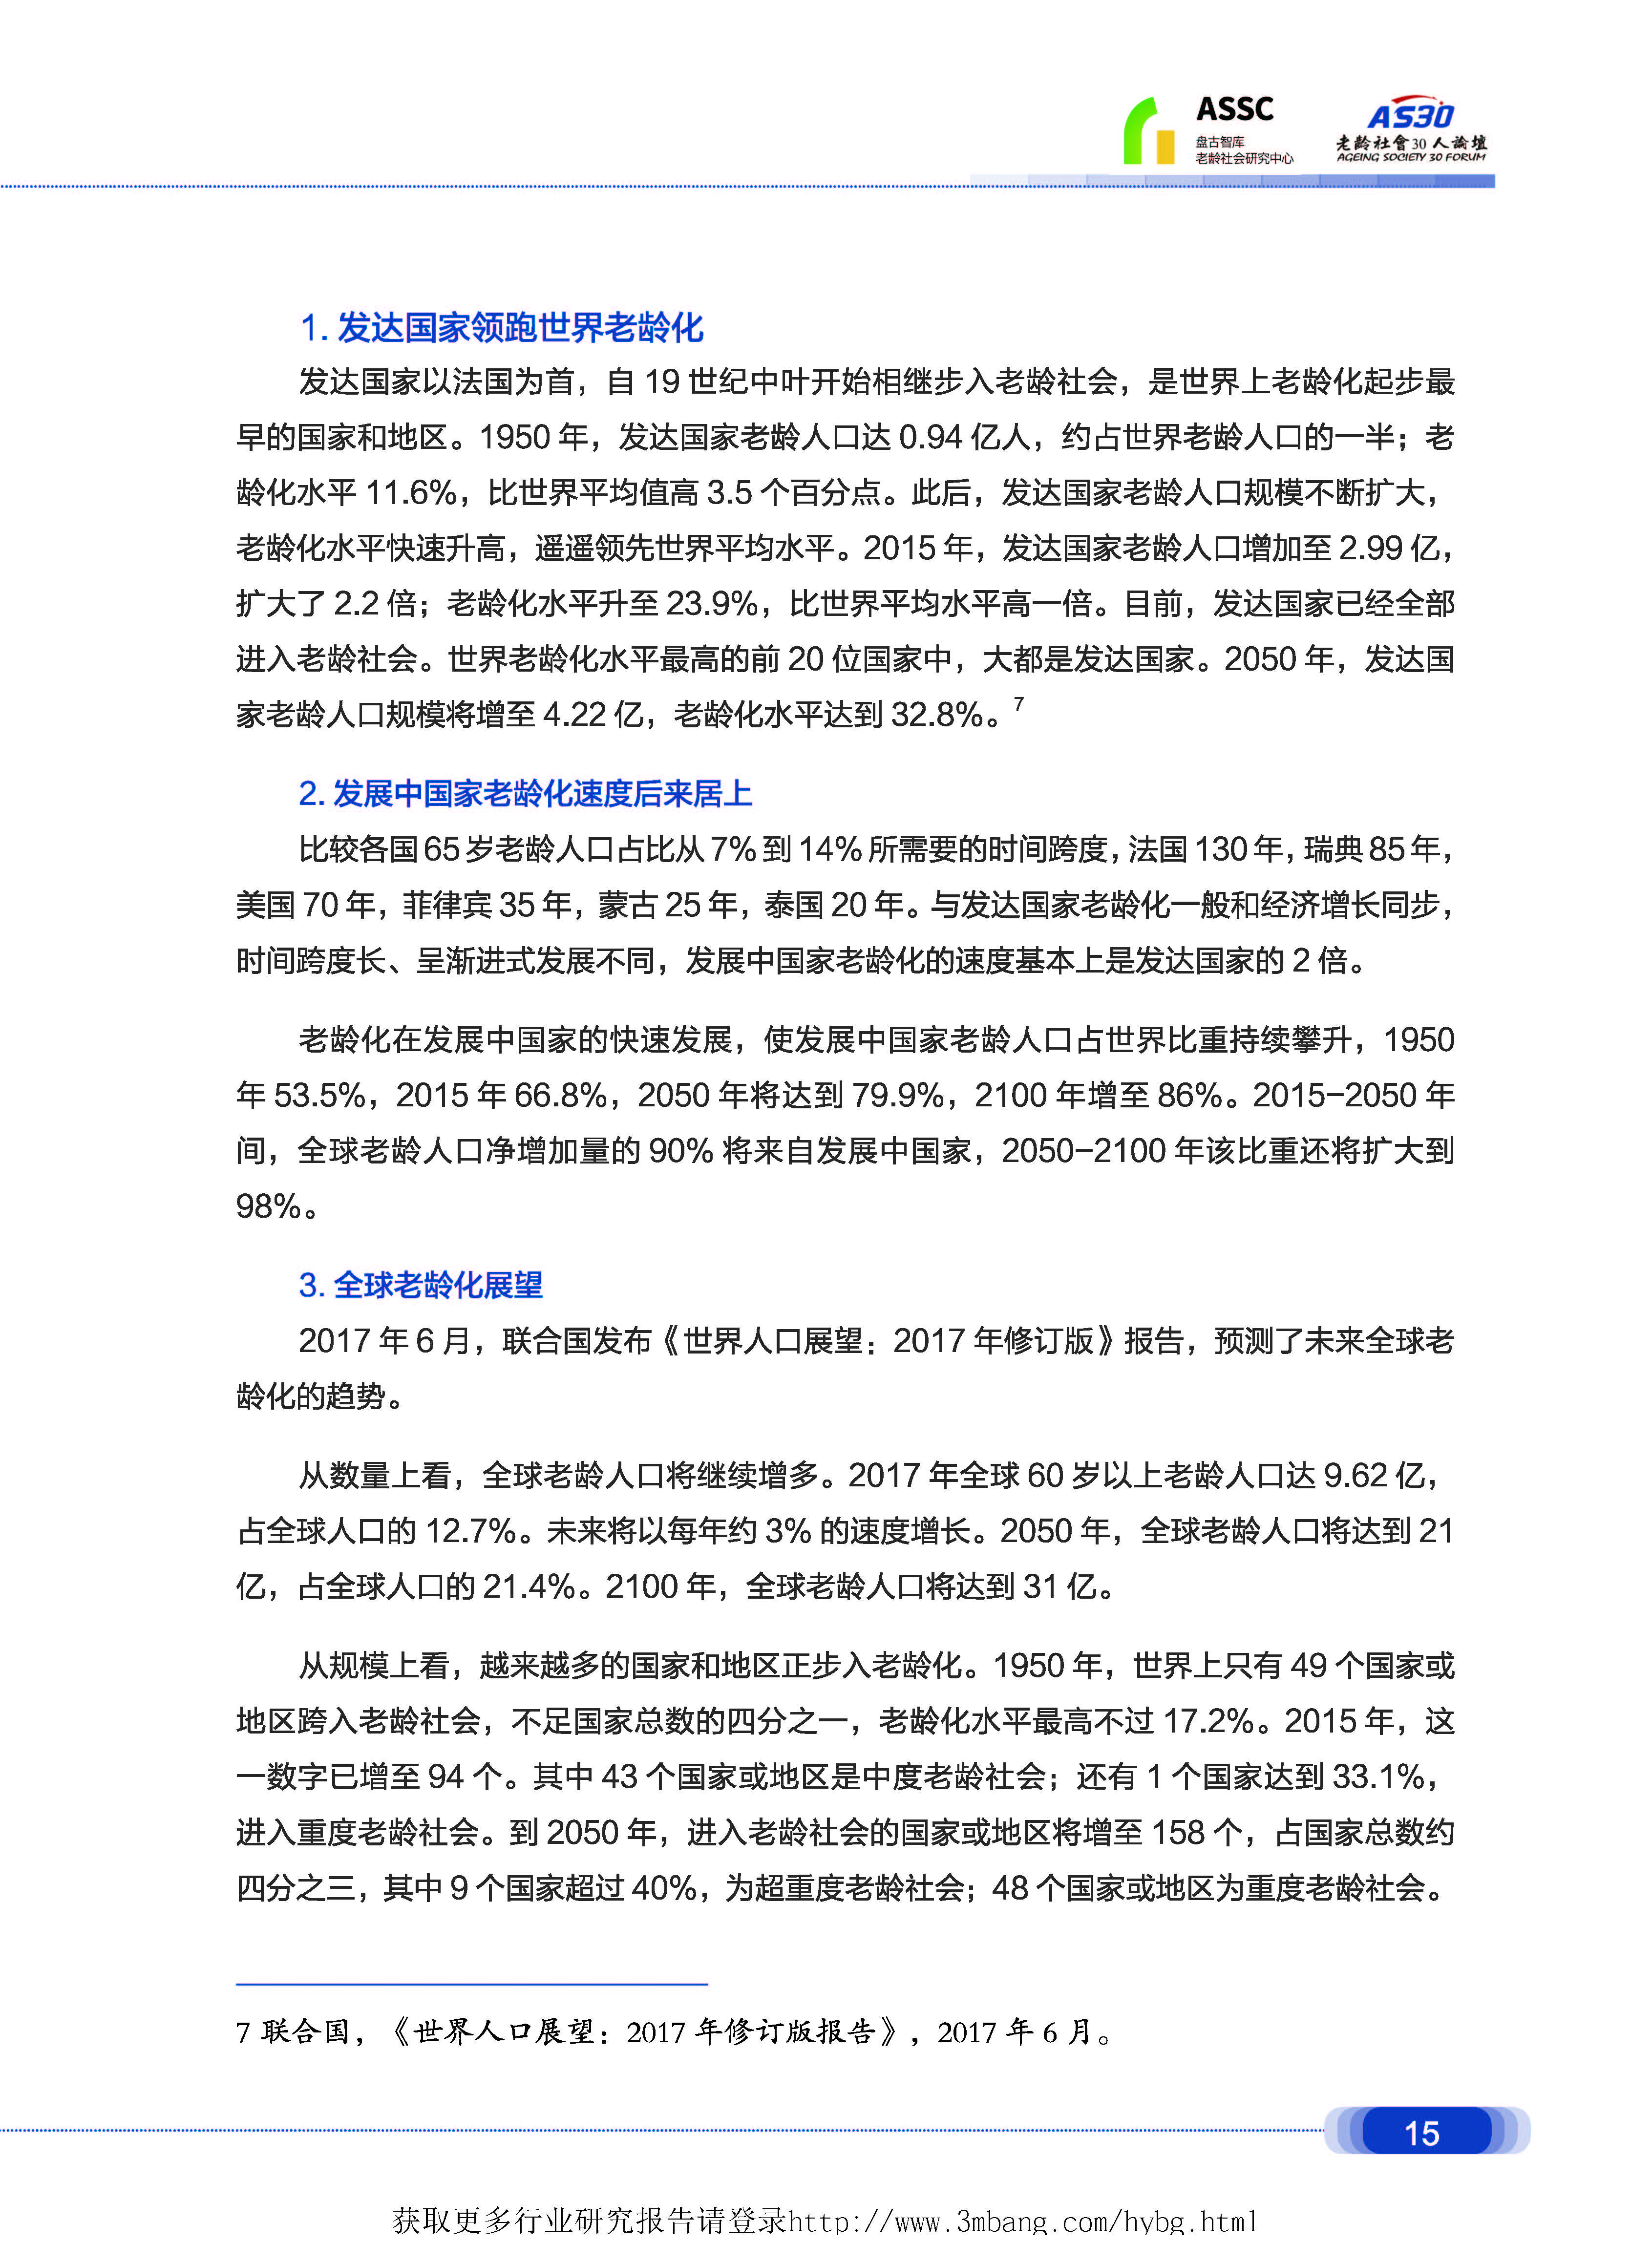 1_页面_15.jpg